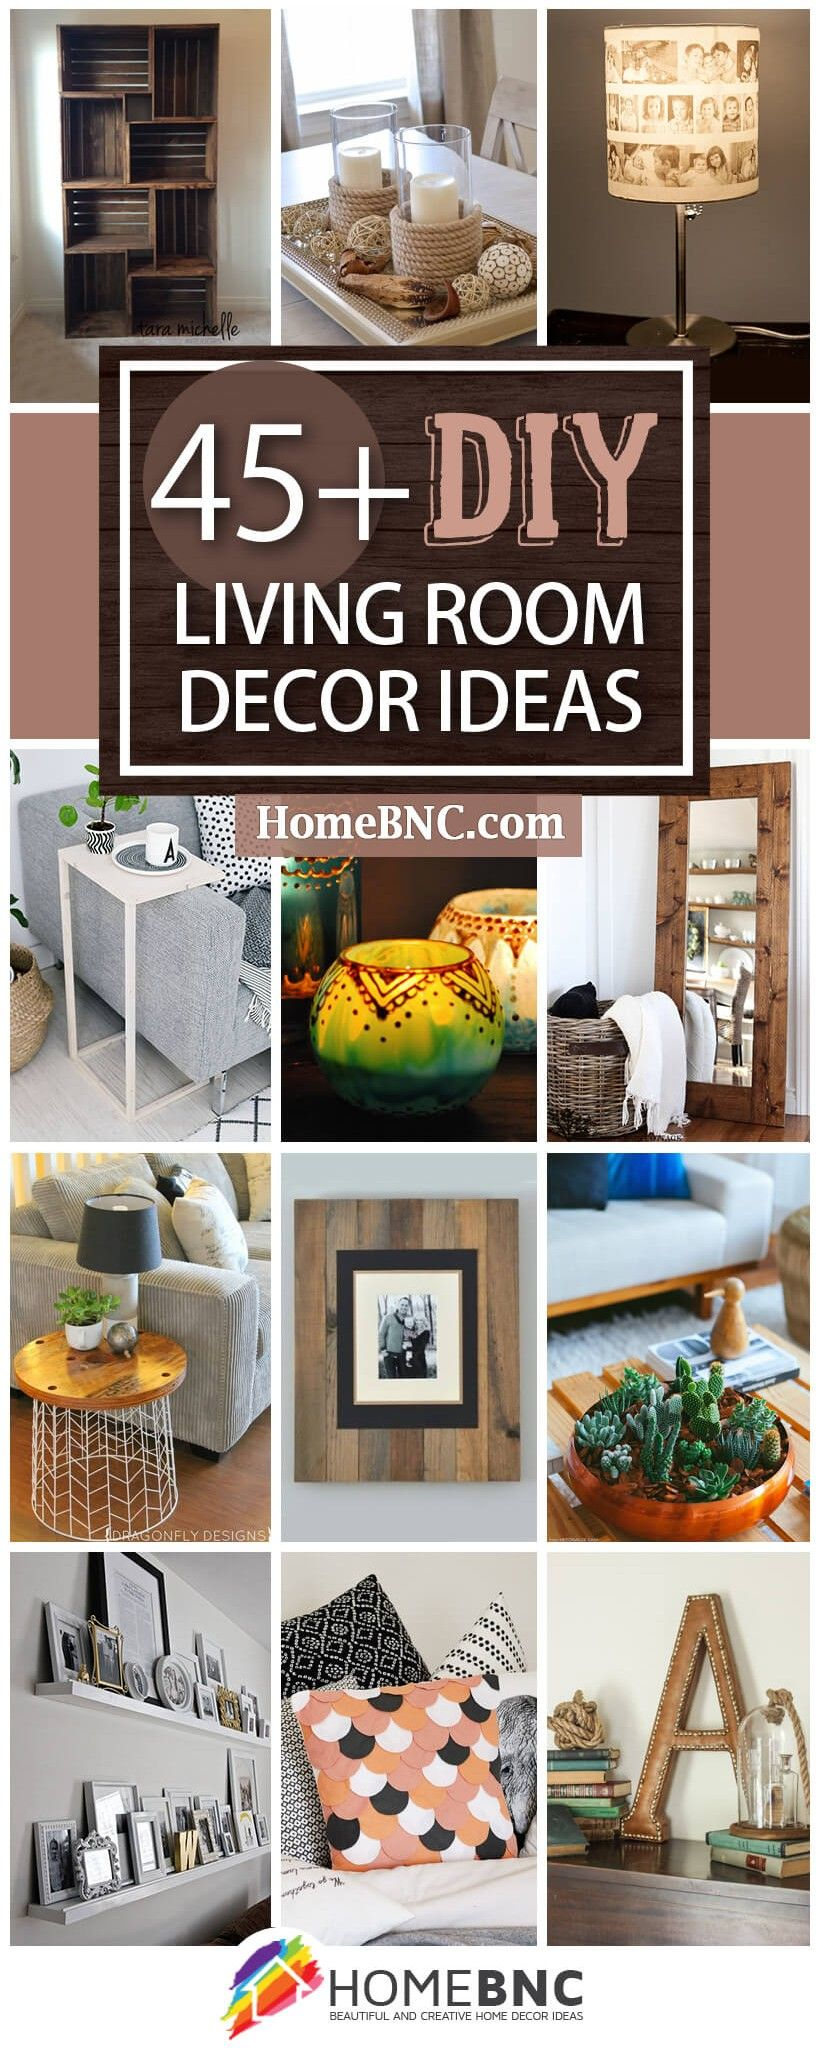 45 Inspiring Diy Living Room Decorating Ideas For Designers On A Budget Diy Living Room Decor Living Room Diy Diy Home Decor On A Budget